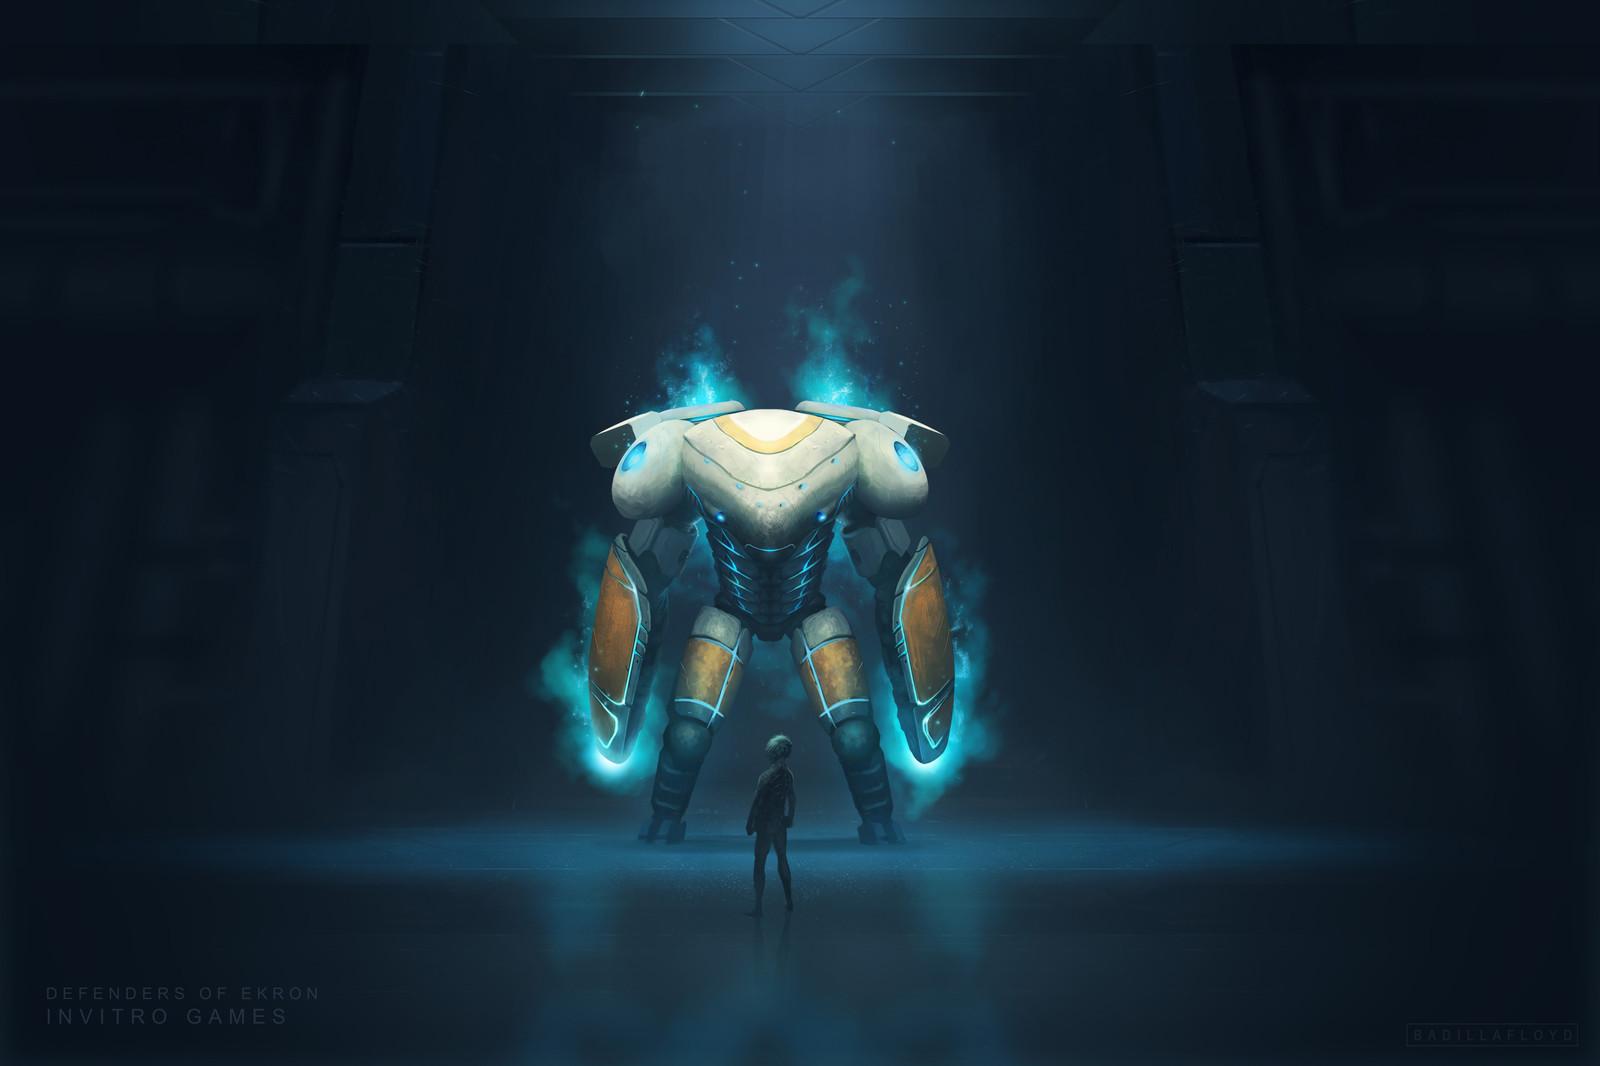 Defenders of Ekron - promotional art